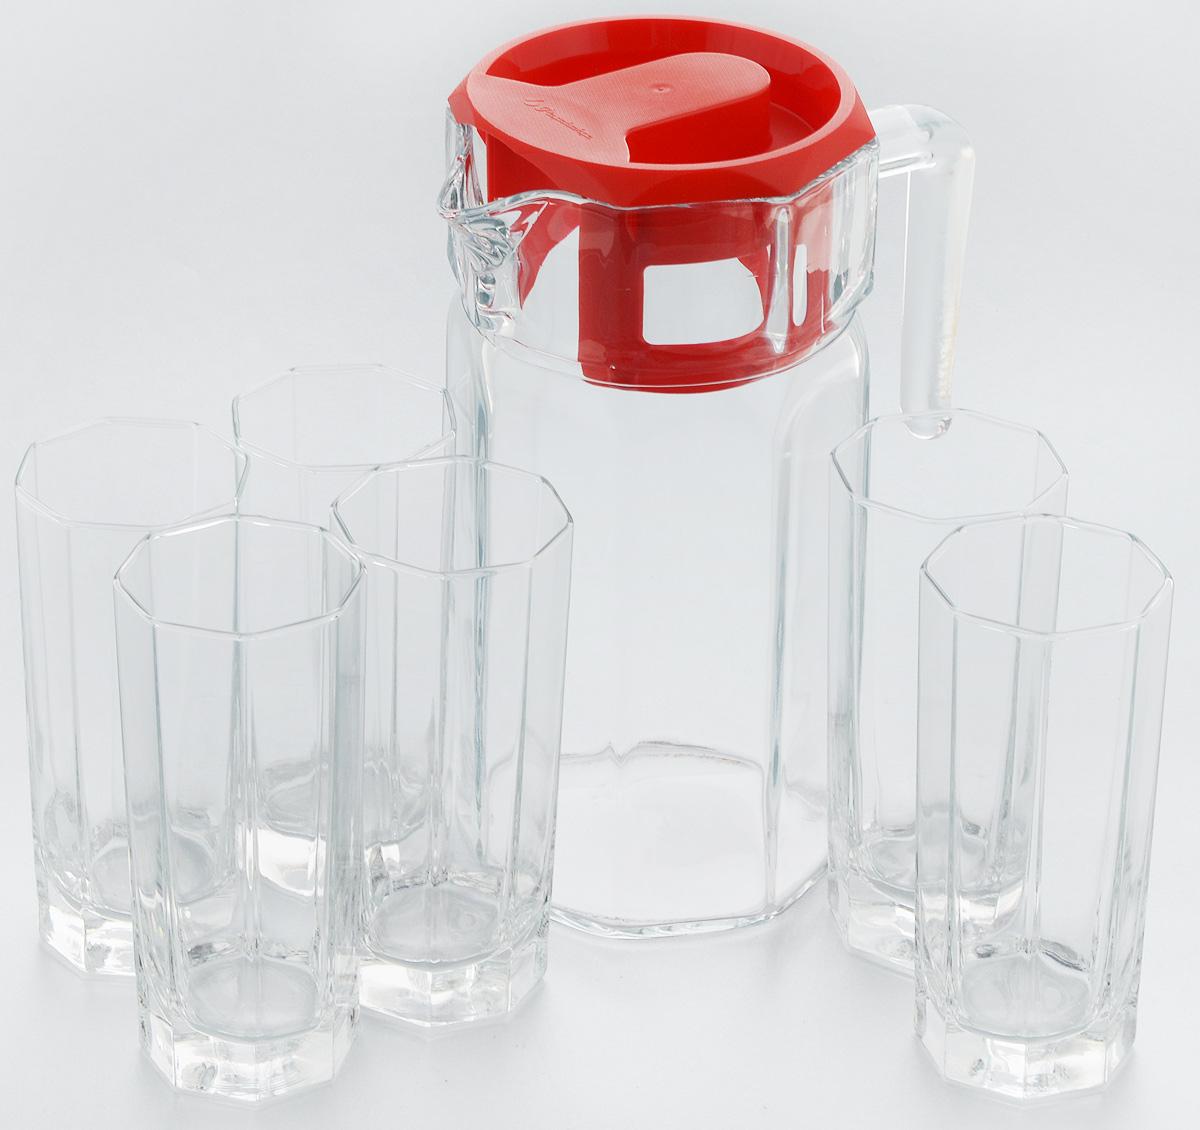 Набор для воды Pasabahce Kosem, 7 предметов. 97415BVT-1520(SR)Набор Pasabahce Kosem состоит из шести стаканов и графина, выполненных из прочного натрий-кальций-силикатного стекла. Предметы набора, оснащенные рельефной многогранной поверхностью, предназначены для воды, сока и других напитков. Графин снабжен пластиковой, плотно закрывающейся крышкой. Изделия сочетают в себе элегантный дизайн и функциональность. Благодаря такому набору пить напитки будет еще вкуснее.Набор для воды Pasabahce Kosem прекрасно оформит праздничный стол и создаст приятную атмосферу. Такой набор также станет хорошим подарком к любому случаю. Высота графина: 24 см. Объем стакана: 200 мл. Высота стакана: 15 см.